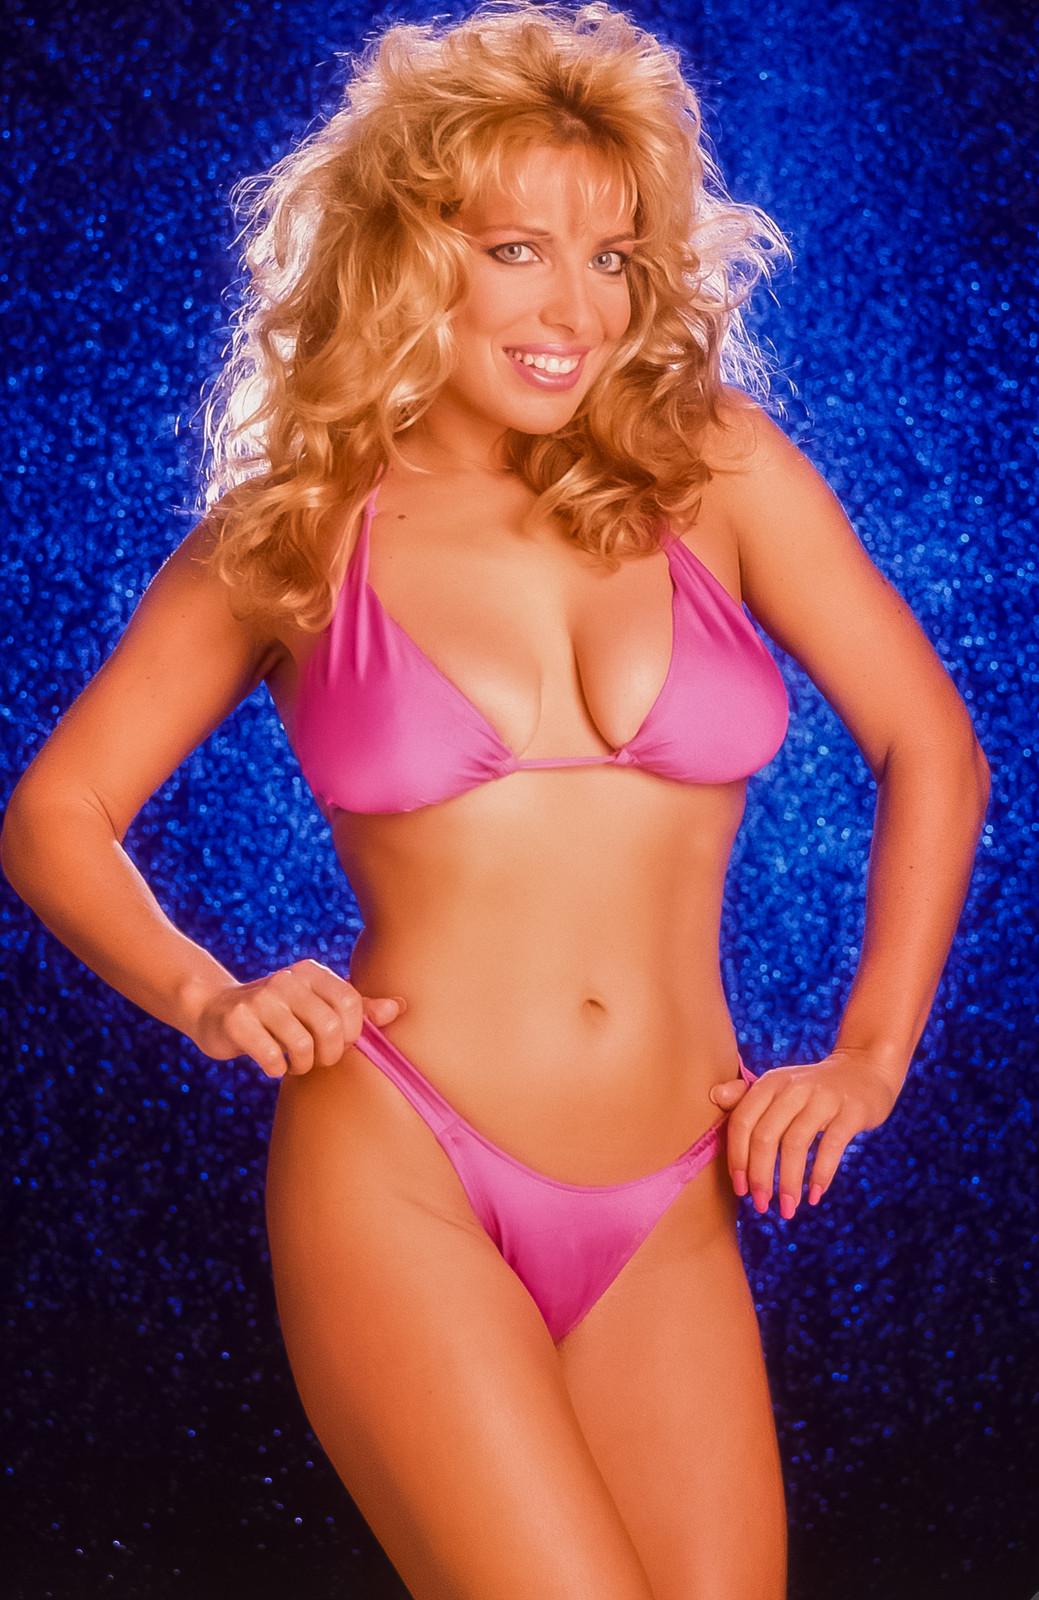 Actress Model | Becky LeBeau - Official